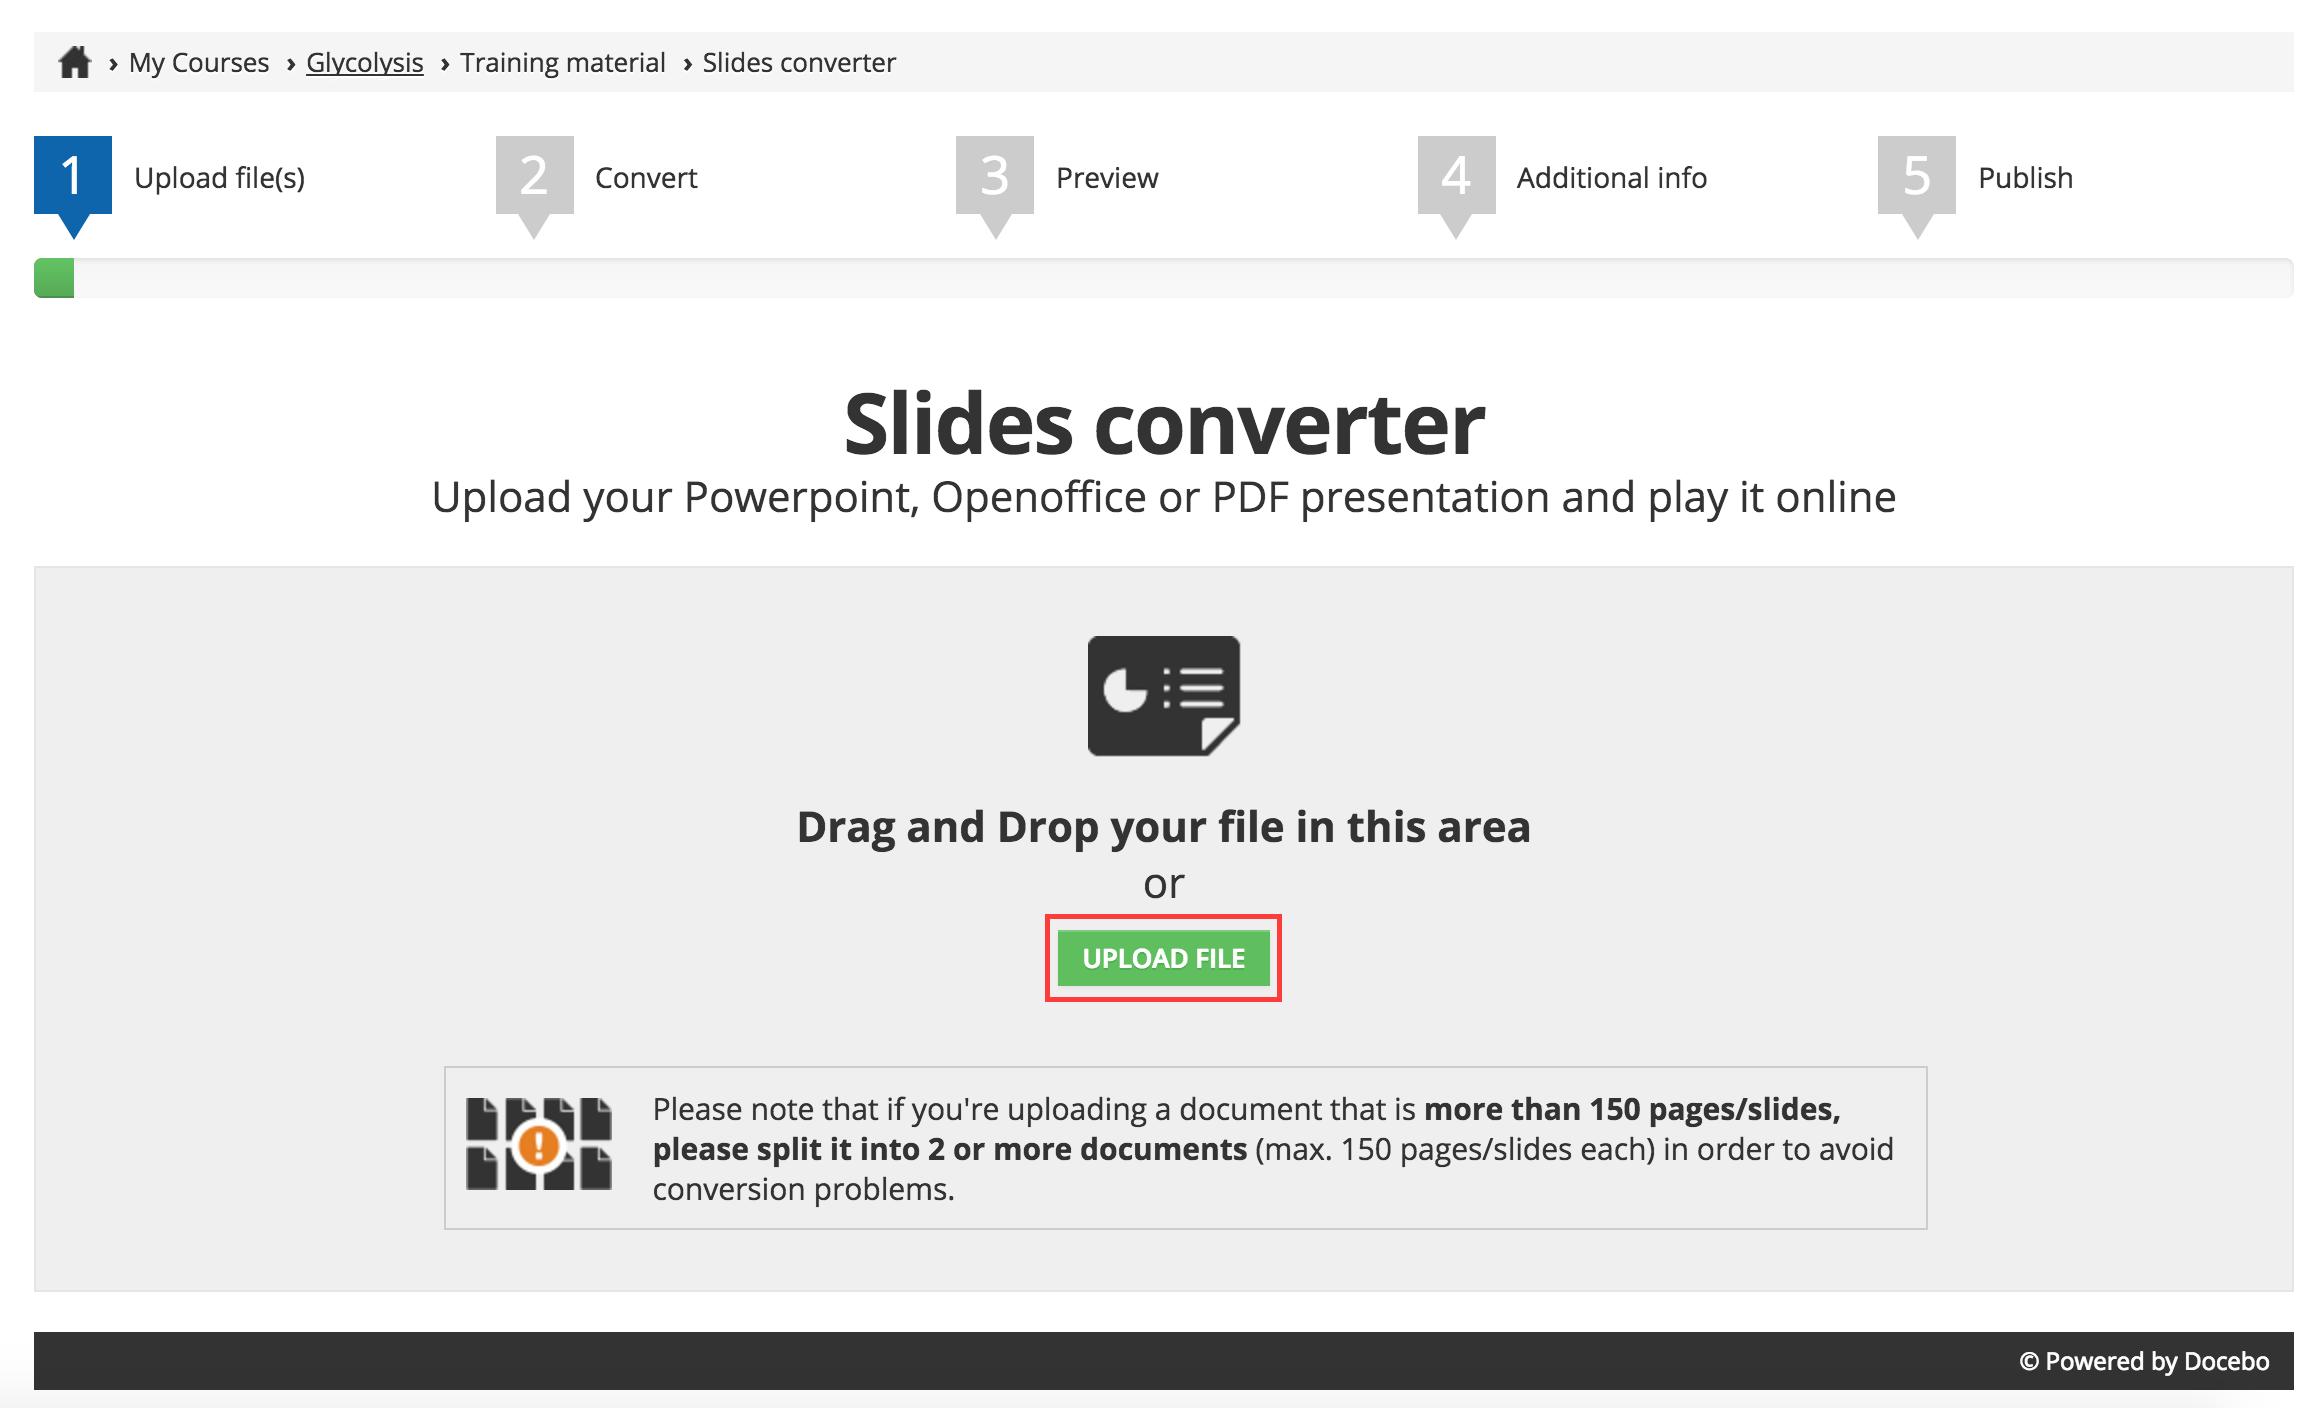 Slides Converter Upload File